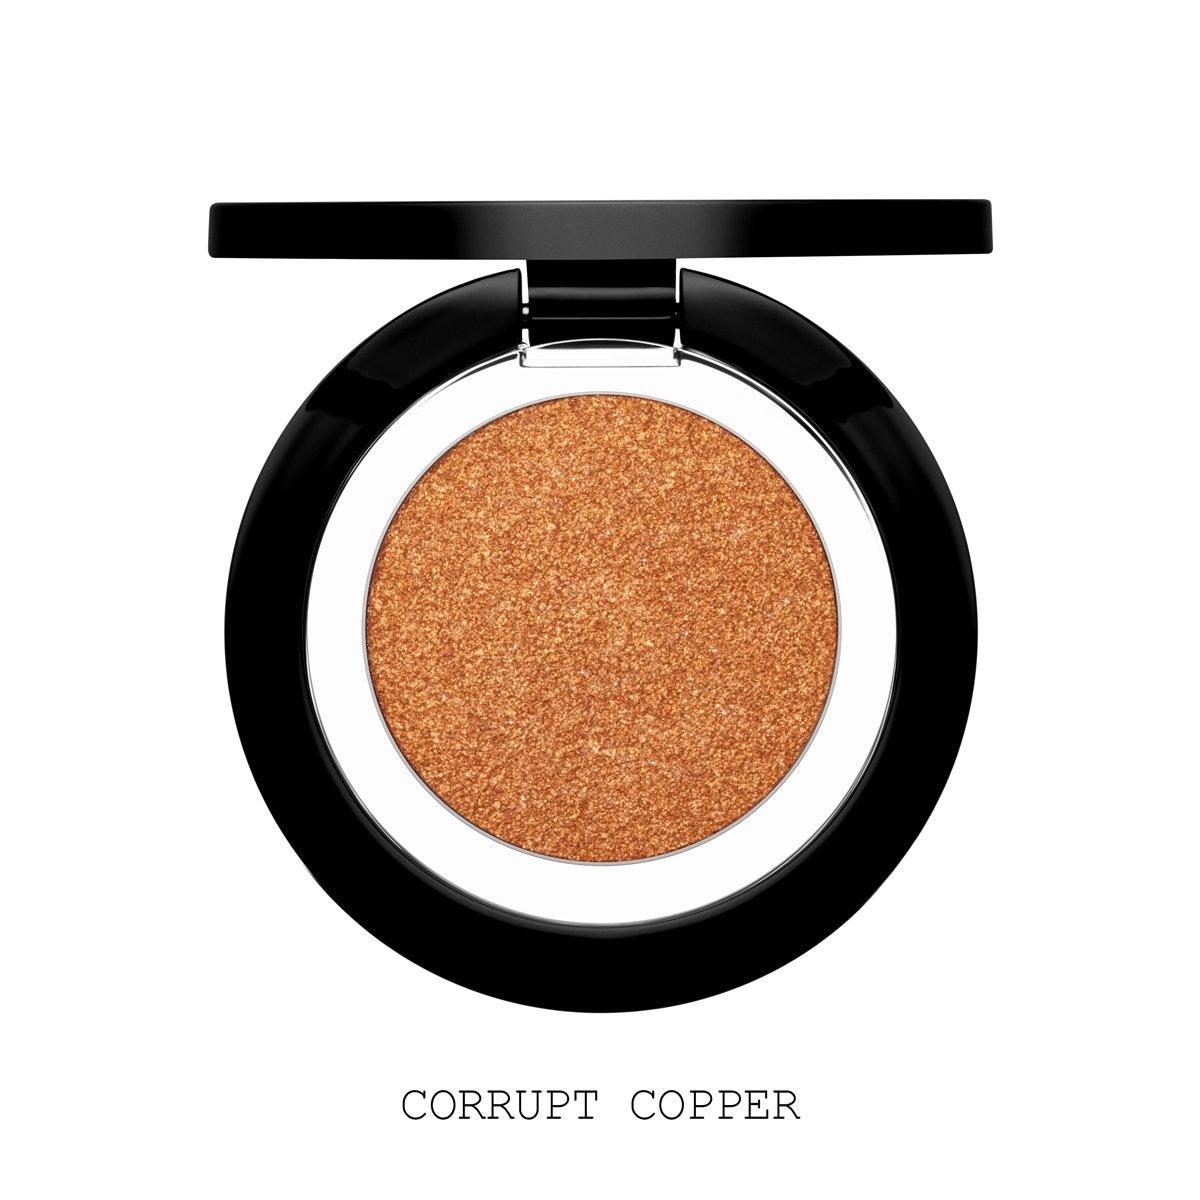 EYEdols Eye Shadow in Corrupt Copper